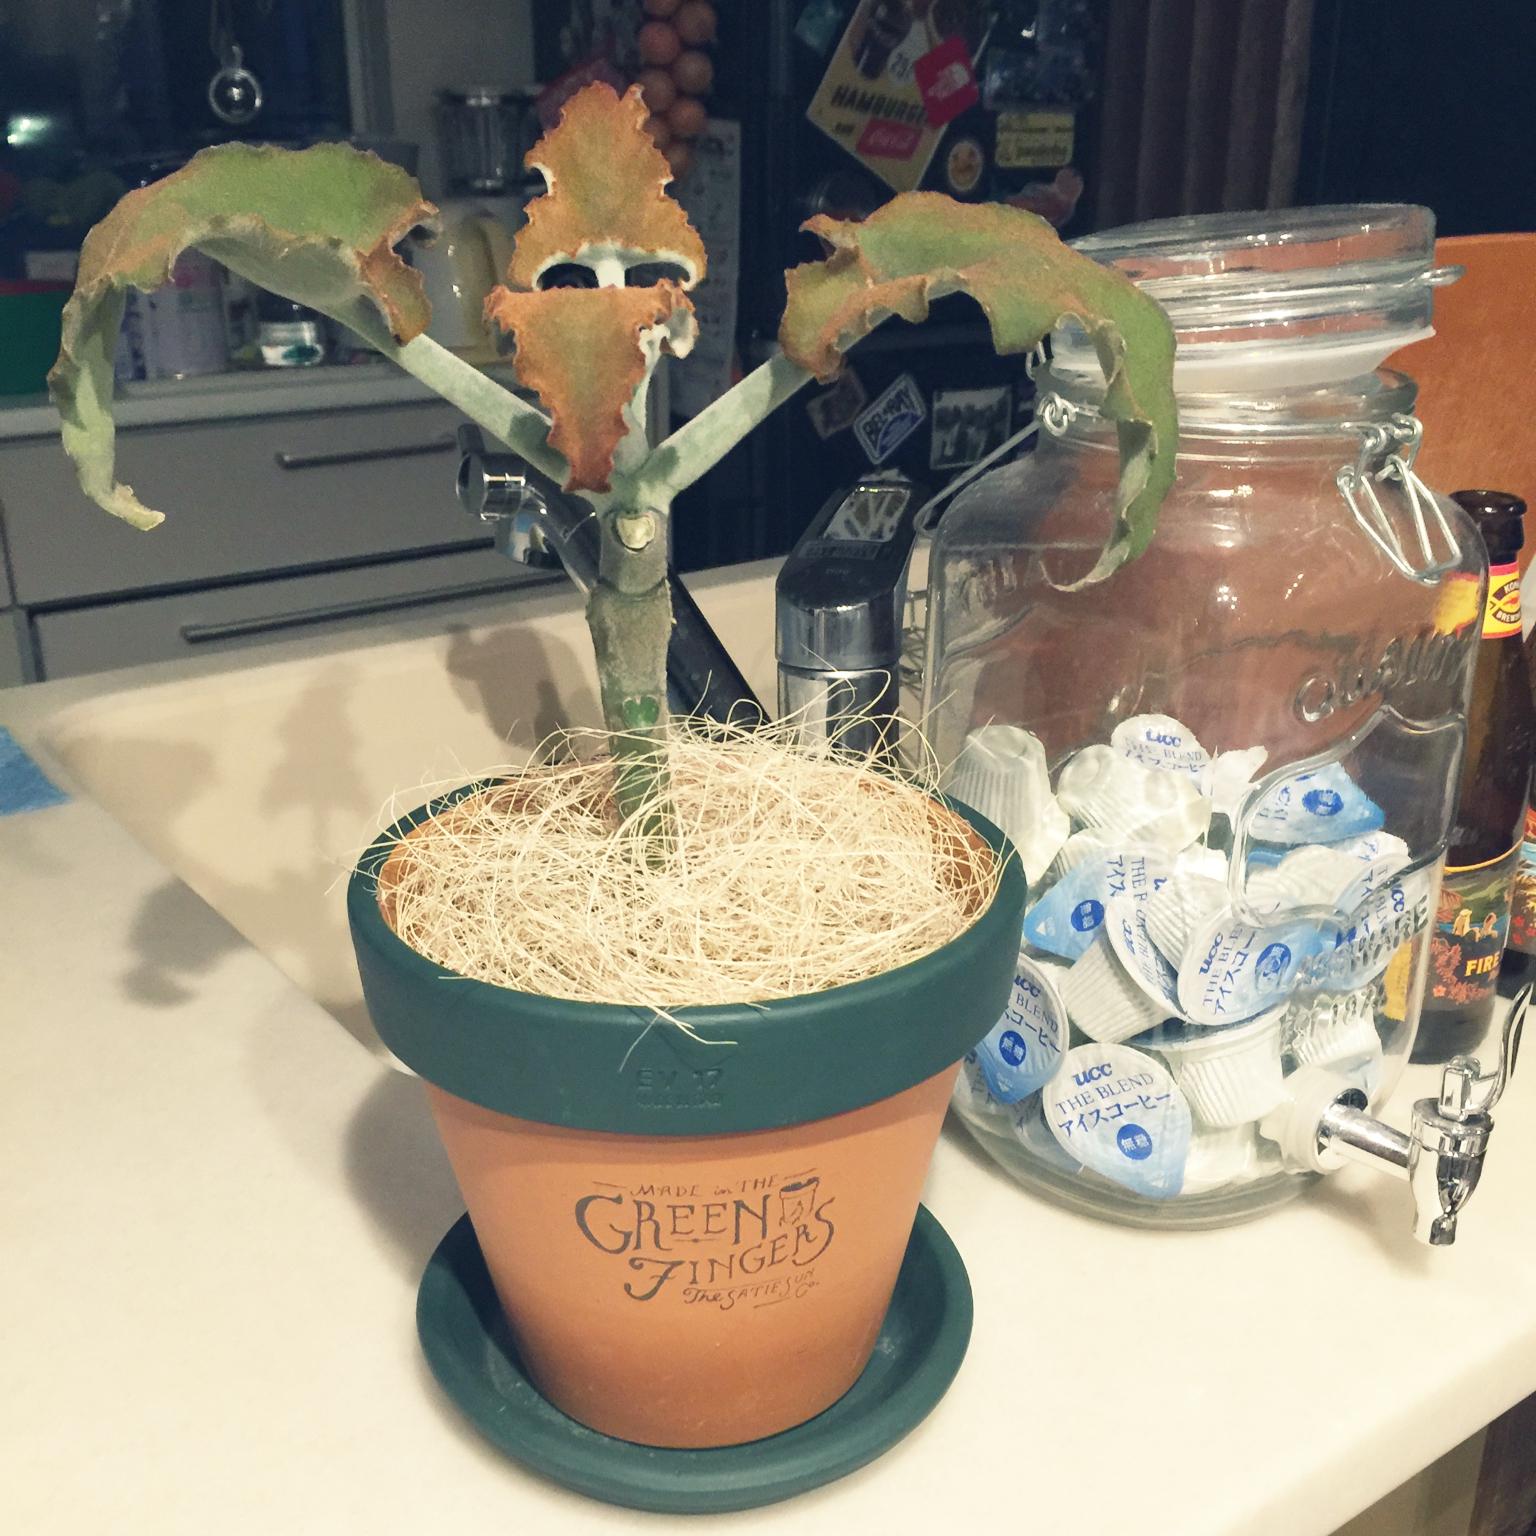 GREEN FINGERSのカランコエ ベハレンシス3,500円(GREEN FINGERSの鉢、ソーサーは別料金)